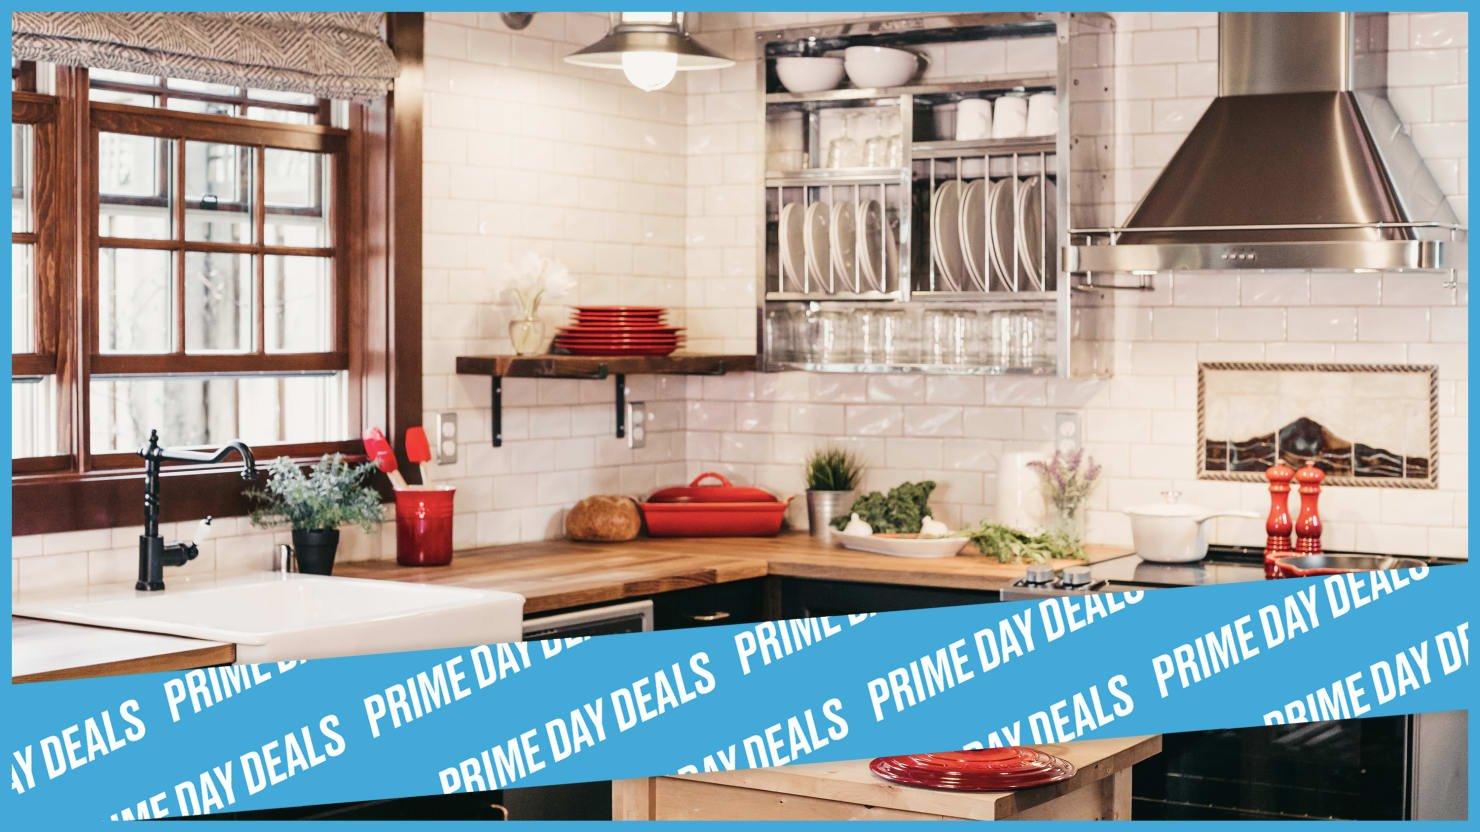 Shop the Best Amazon Prime Day Kitchen Deals